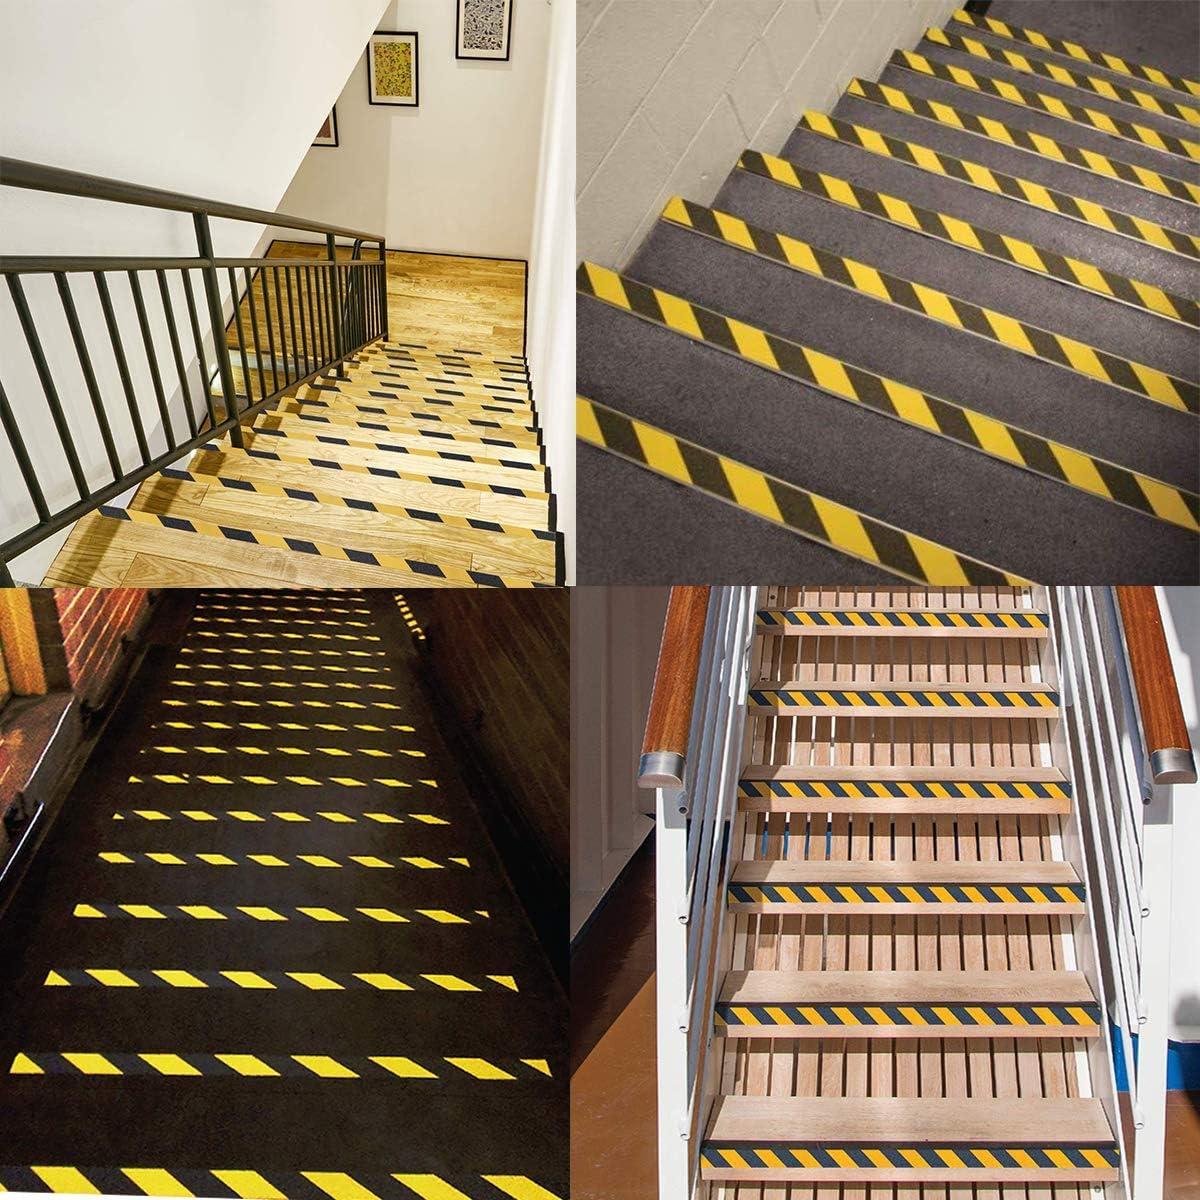 B/öden Sicherheitsband gelb schwarz Anti-Rutsch-Sicherheitsklebeband Klebeband Klebeband f/ür Treppen 5 cm x 5 m W/ände oder Innenbereich Hohe Zugkraft Warnband